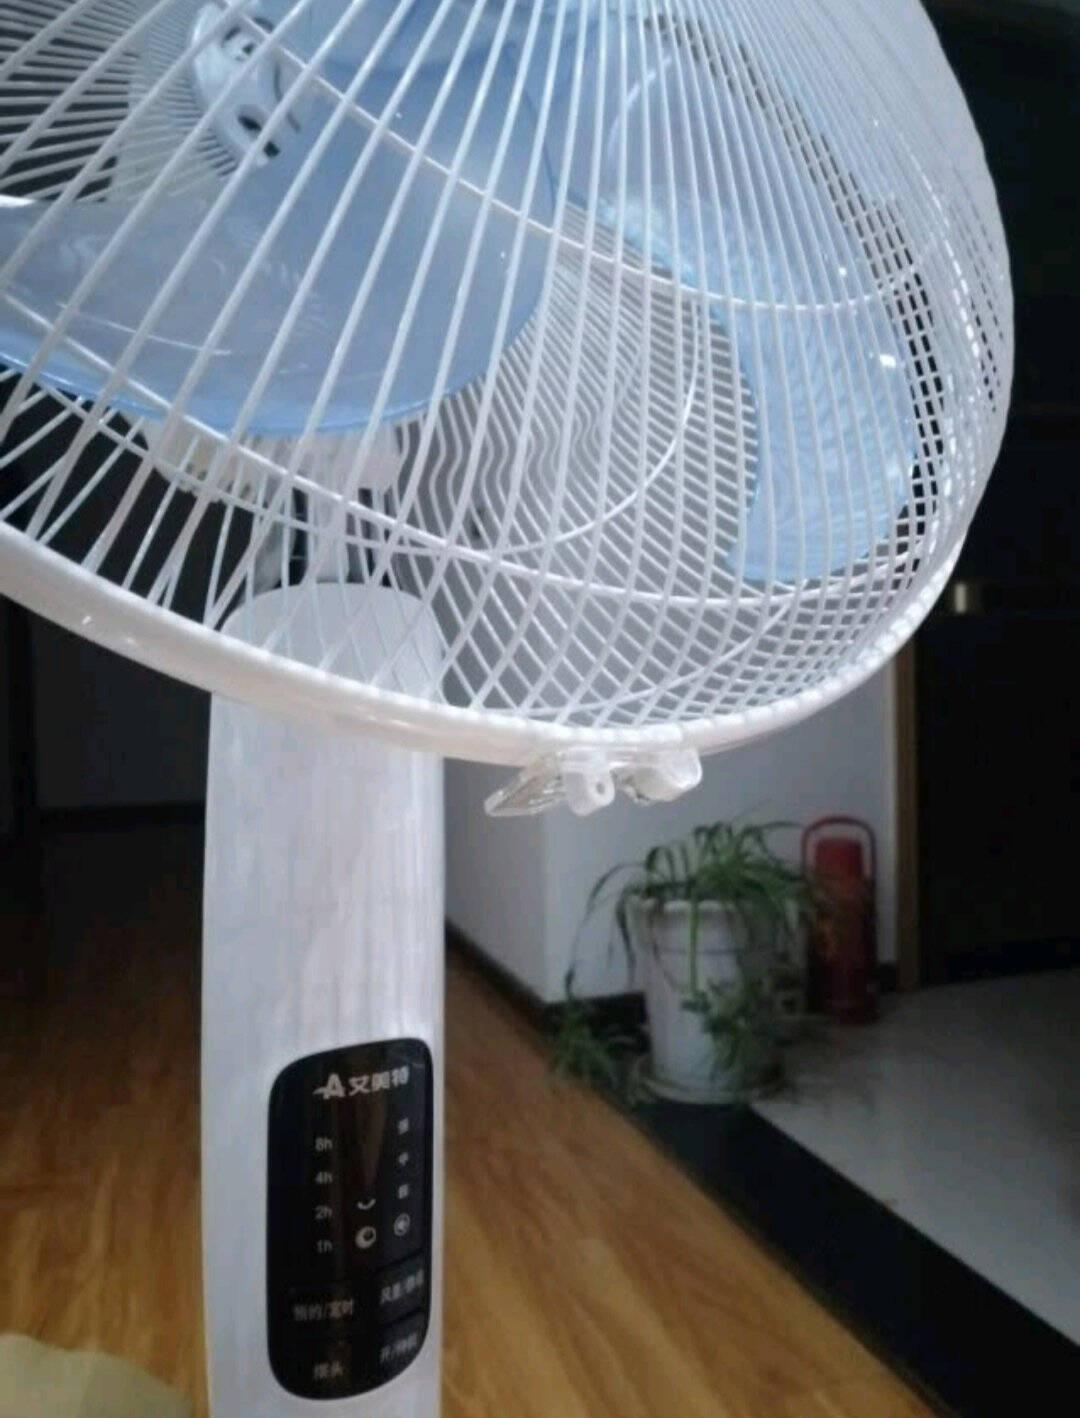 艾美特(Airmate)立式五叶大风量遥控落地扇/家用通风静音节能电风扇/定时遥控风扇FS40103R